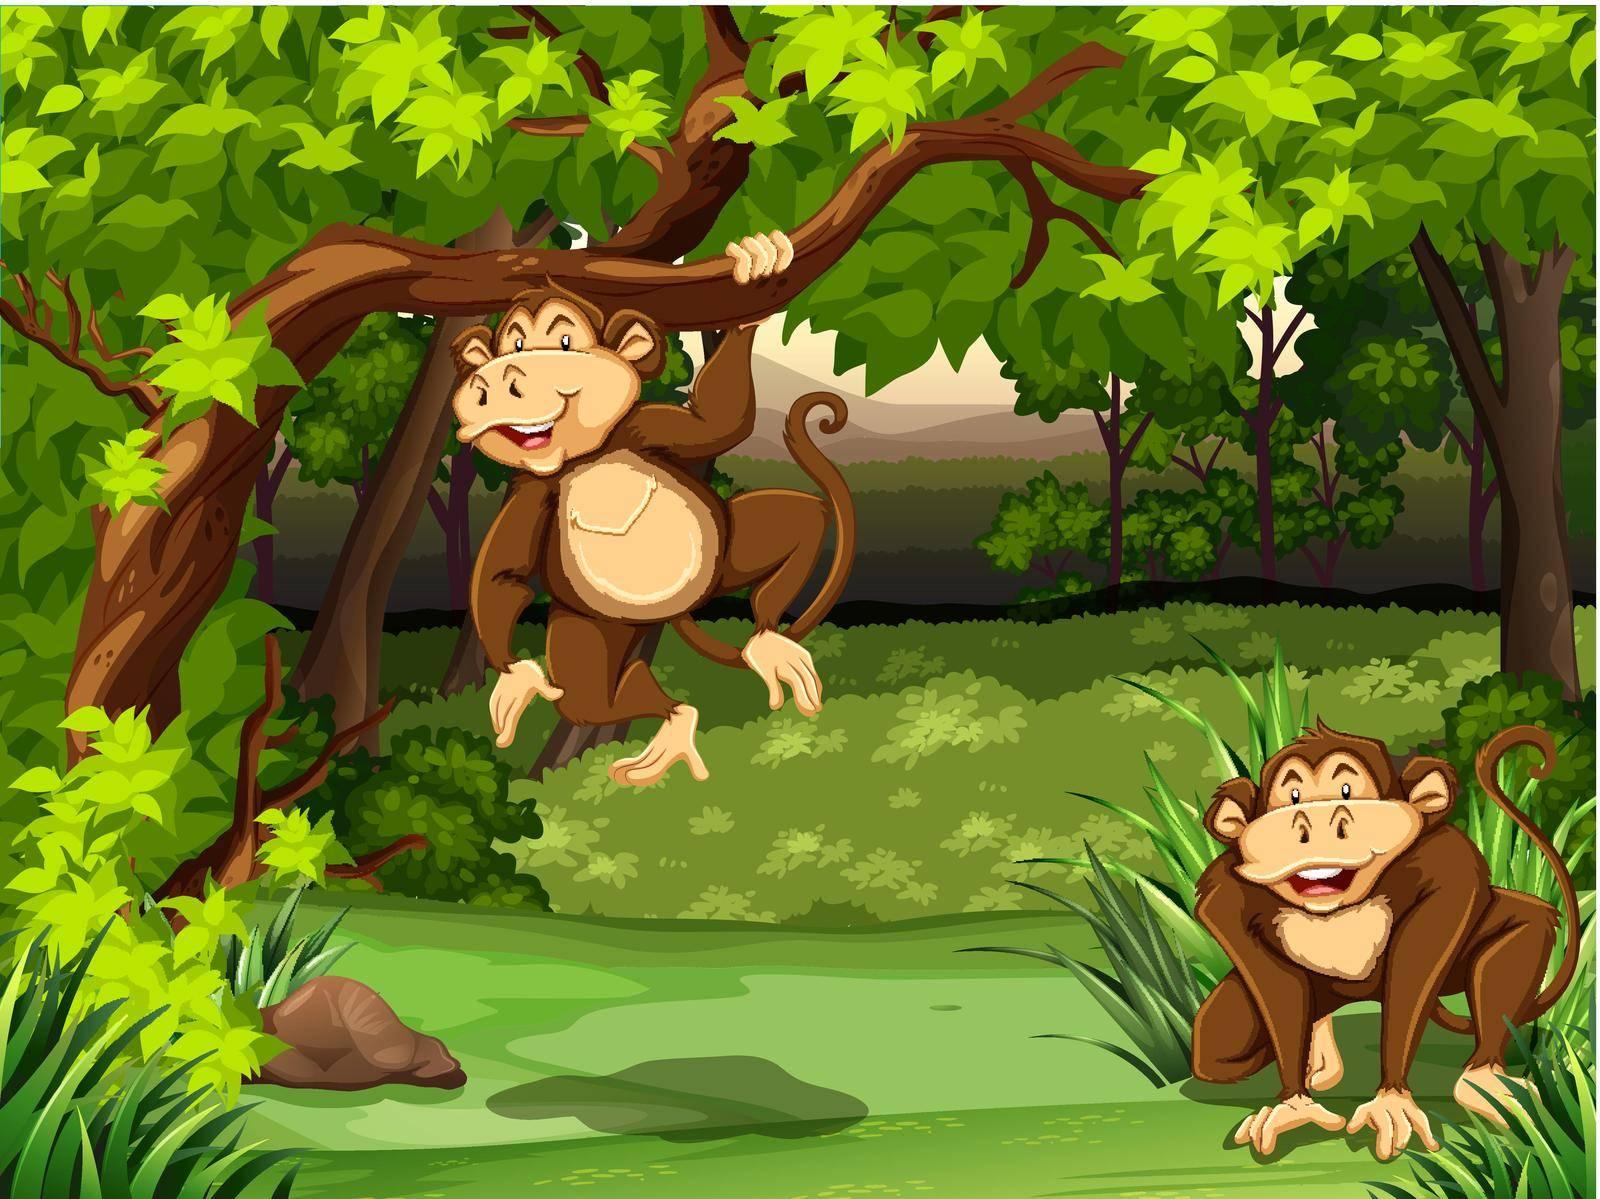 Two monkeys sitting in a jungle